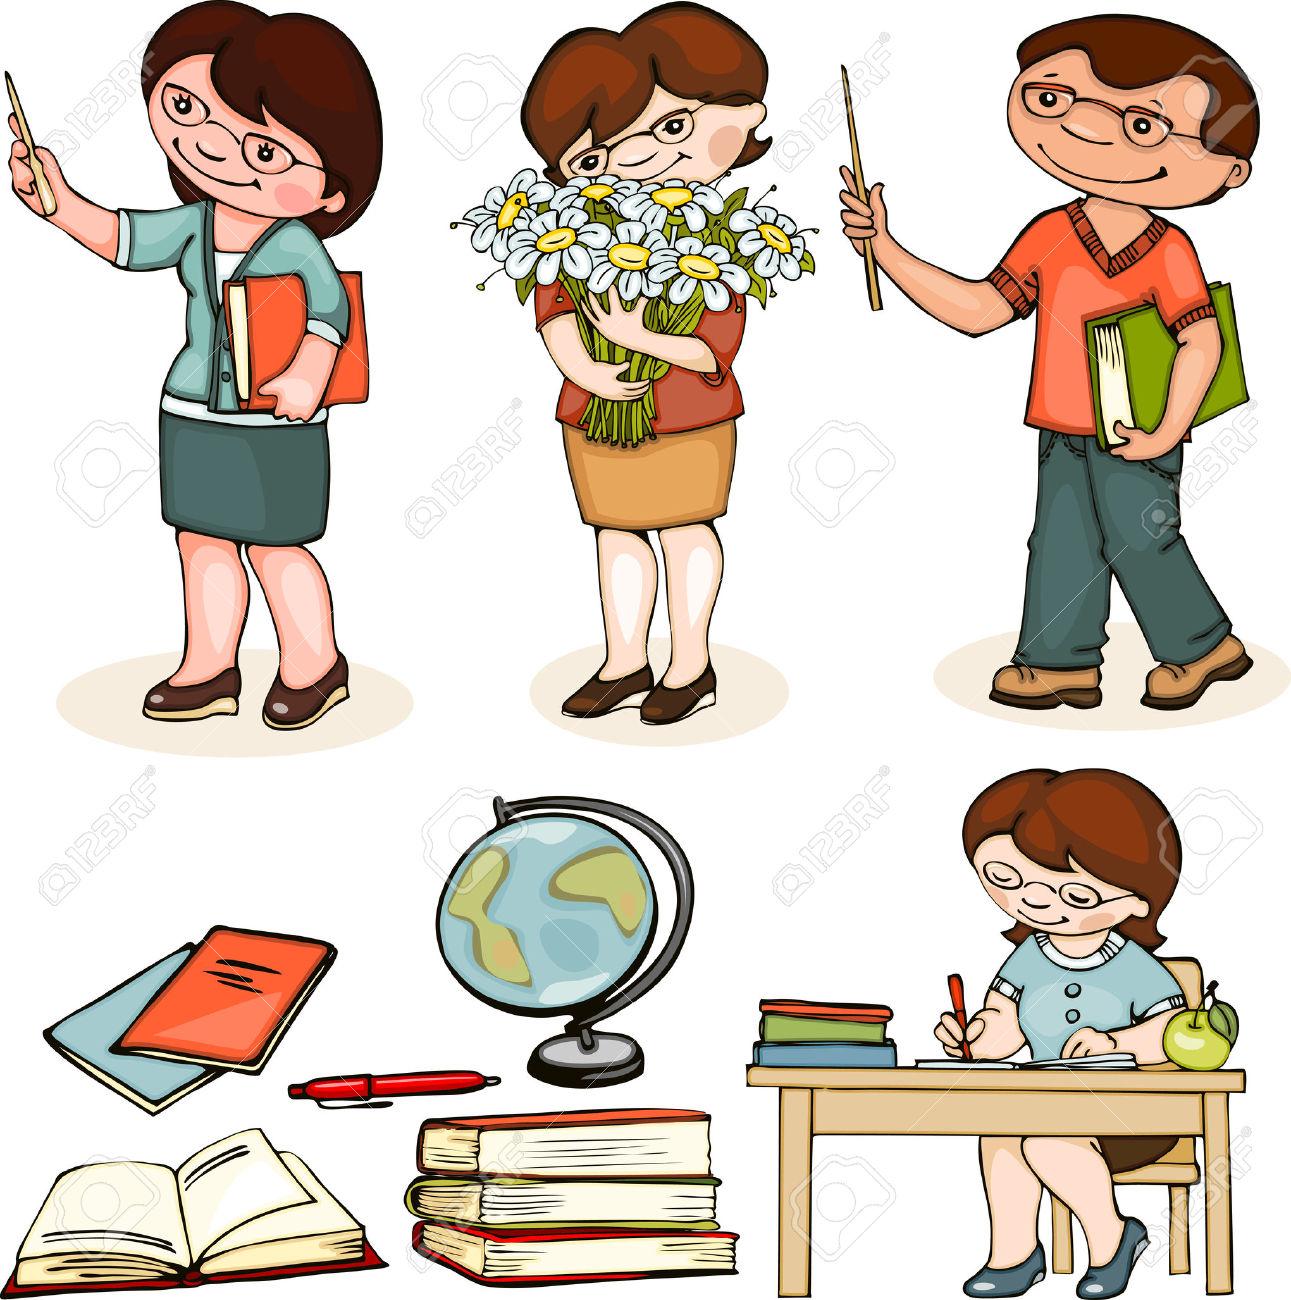 Clipart kindergarten teacher man clip freeuse download 3,446 Kindergarten Teacher S Cliparts, Stock Vector And Royalty ... clip freeuse download